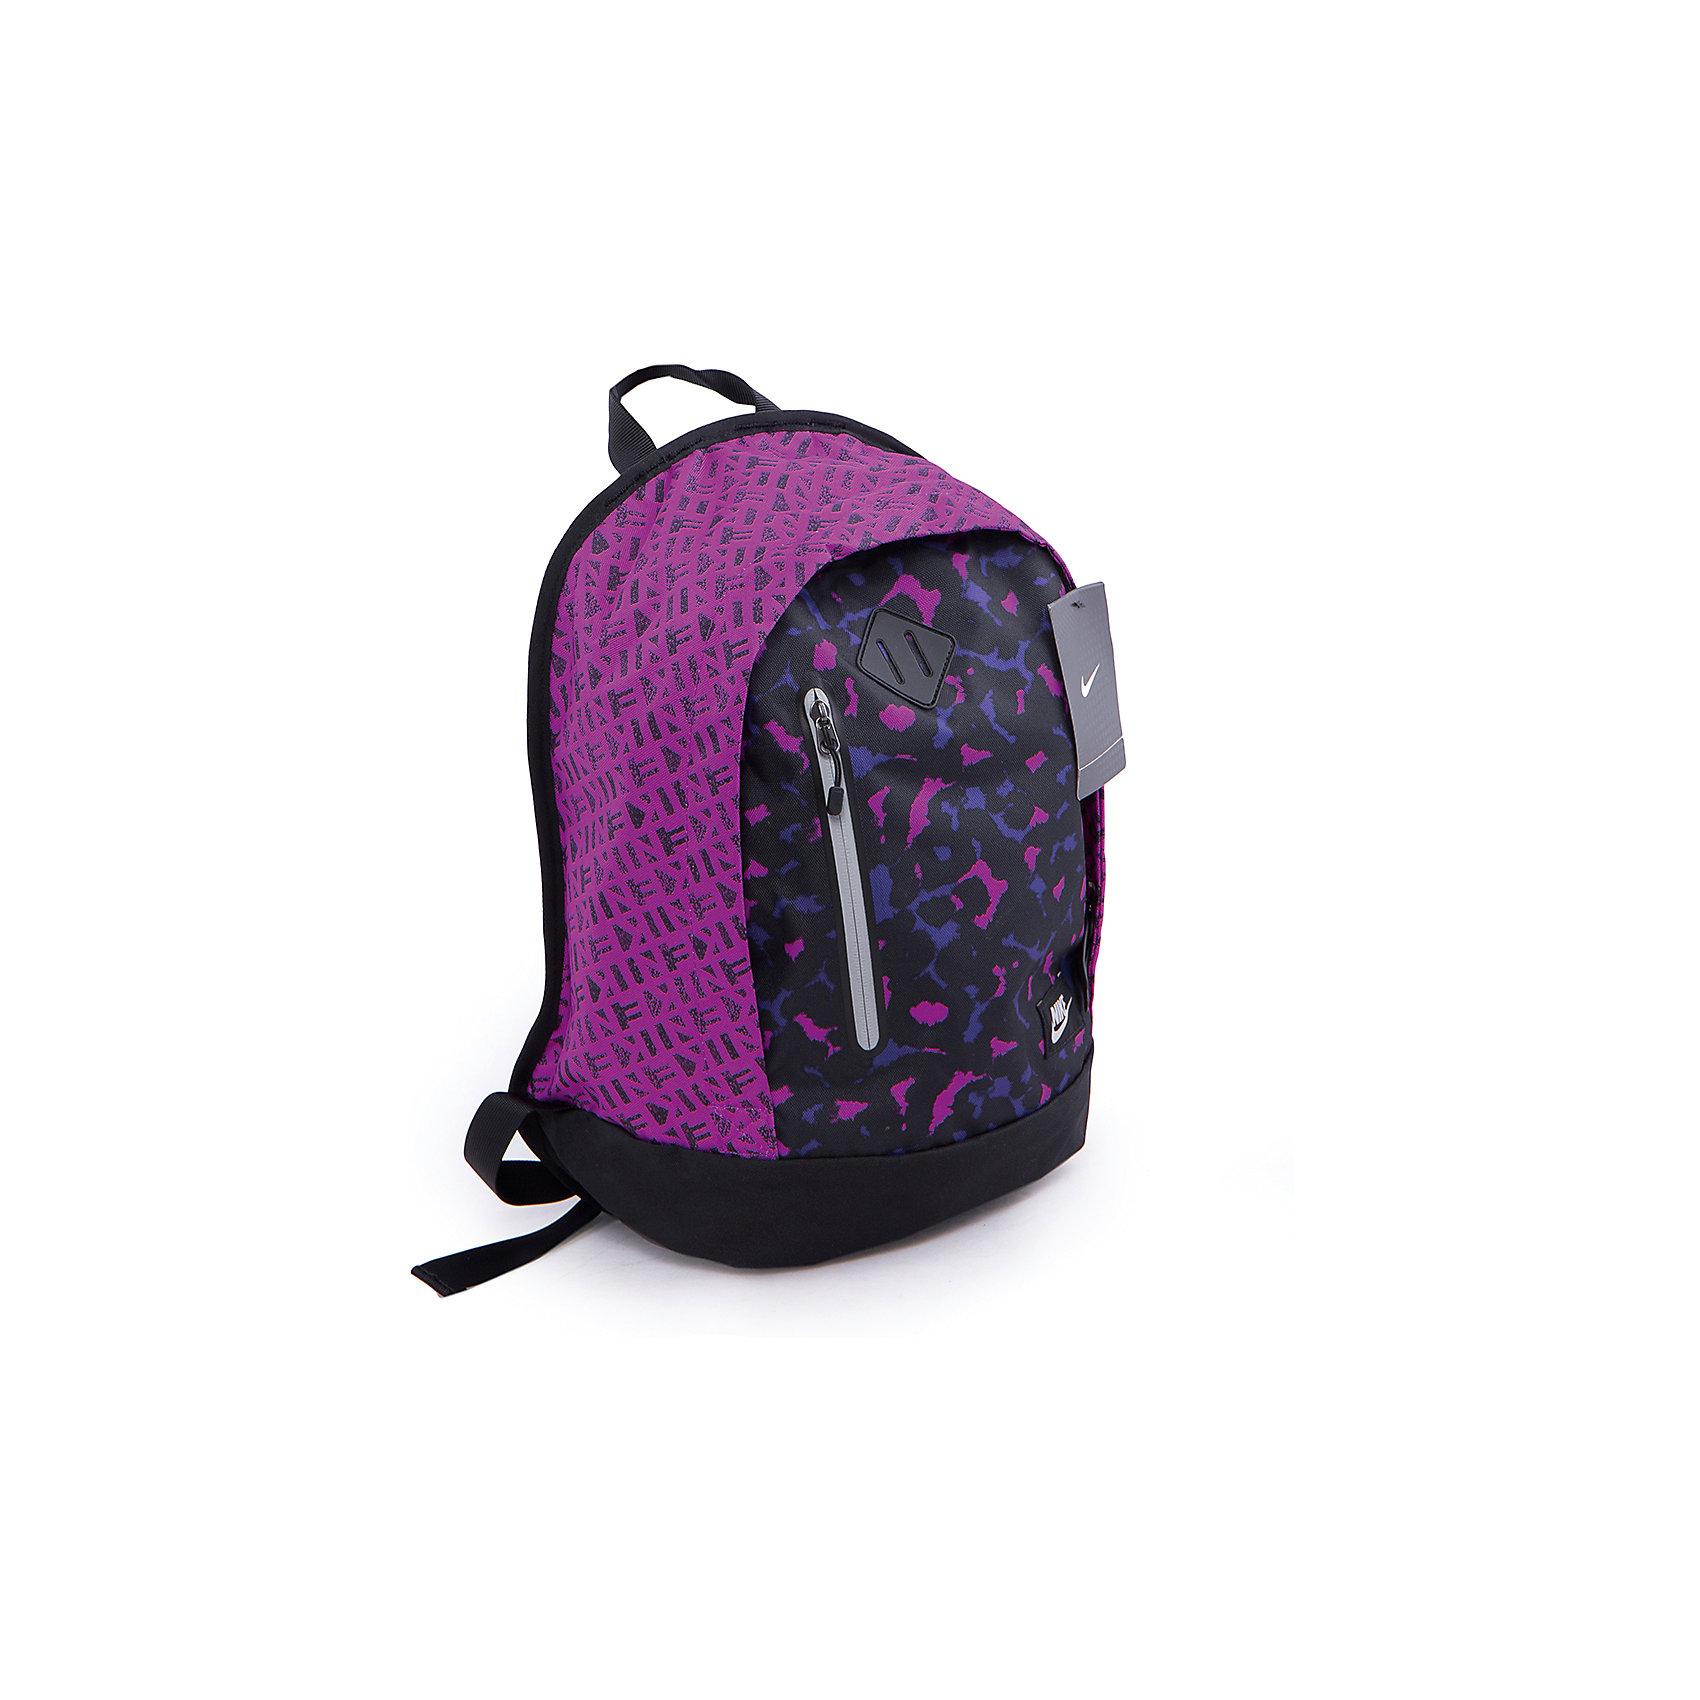 Рюкзак для девочки NIKE YA CHEYENNE BACKPACK NIKE